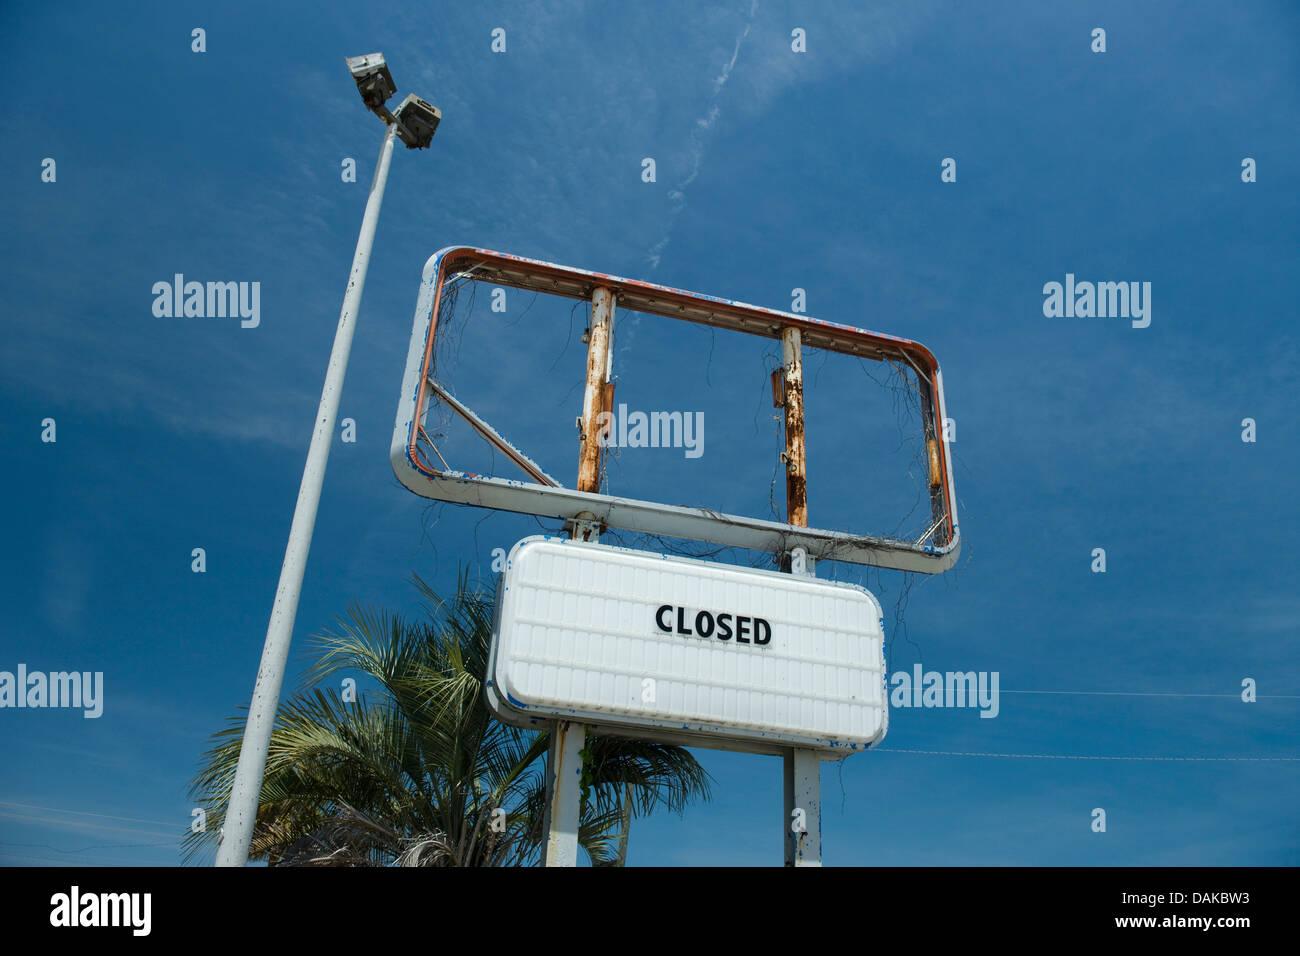 El cartel de Cerrado fracasado negocio Florida USA Imagen De Stock 76164d3a7d34